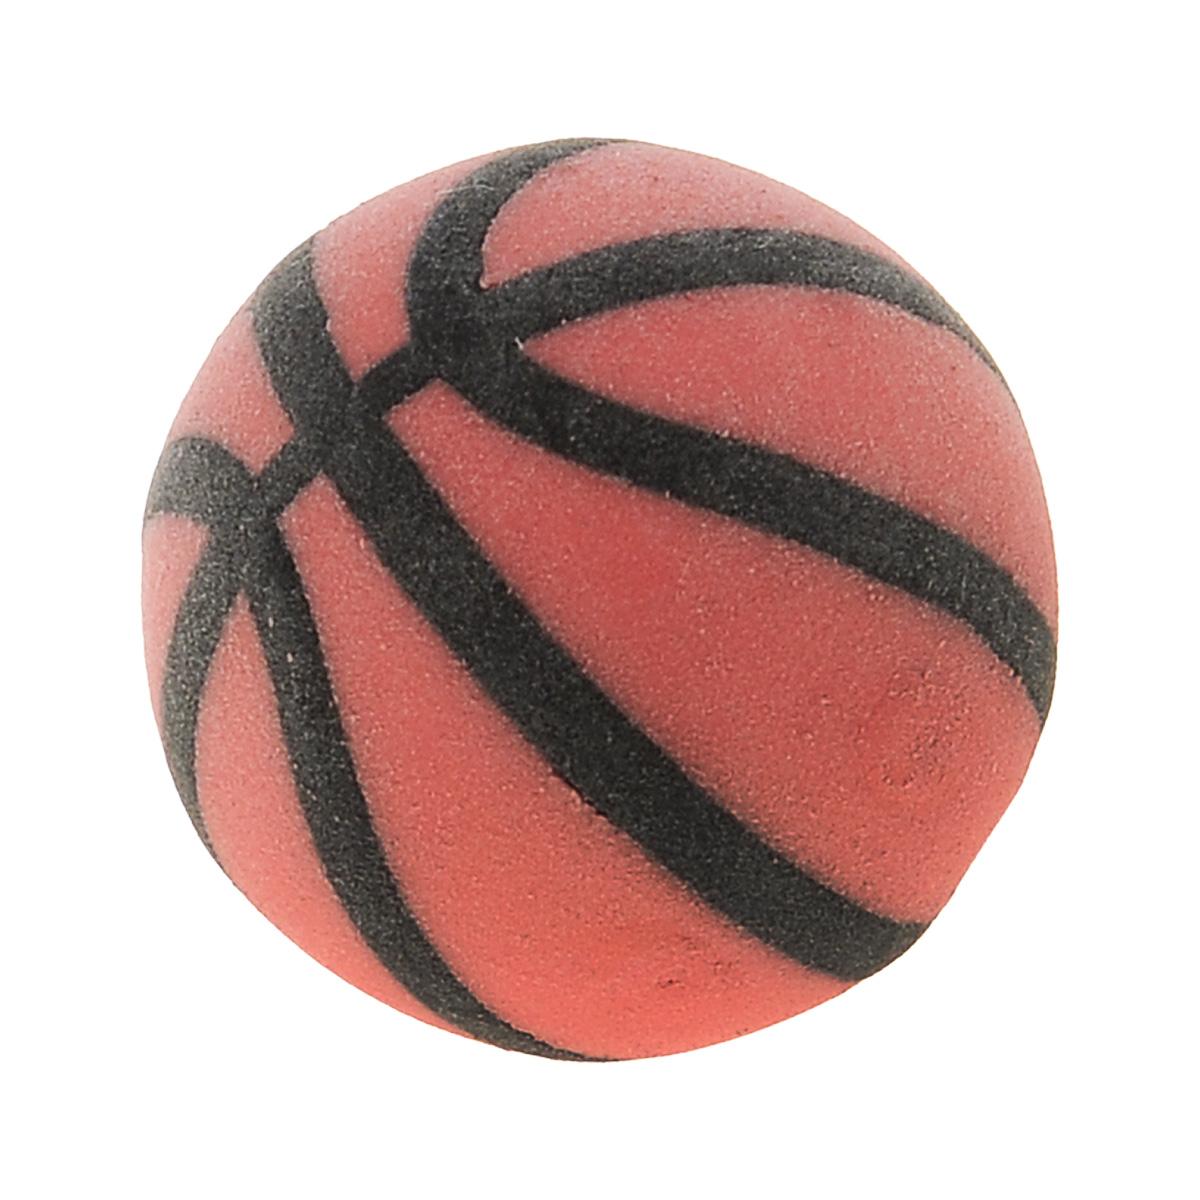 Brunnen Ластик Мяч баскетбольный, цвет: оранжевый611650Ластик Мяч баскетбольный станет незаменимым аксессуаром на рабочем столе не только школьника или студента, но и офисного работника. Он легко и без следа удаляет надписи, сделанные карандашом.